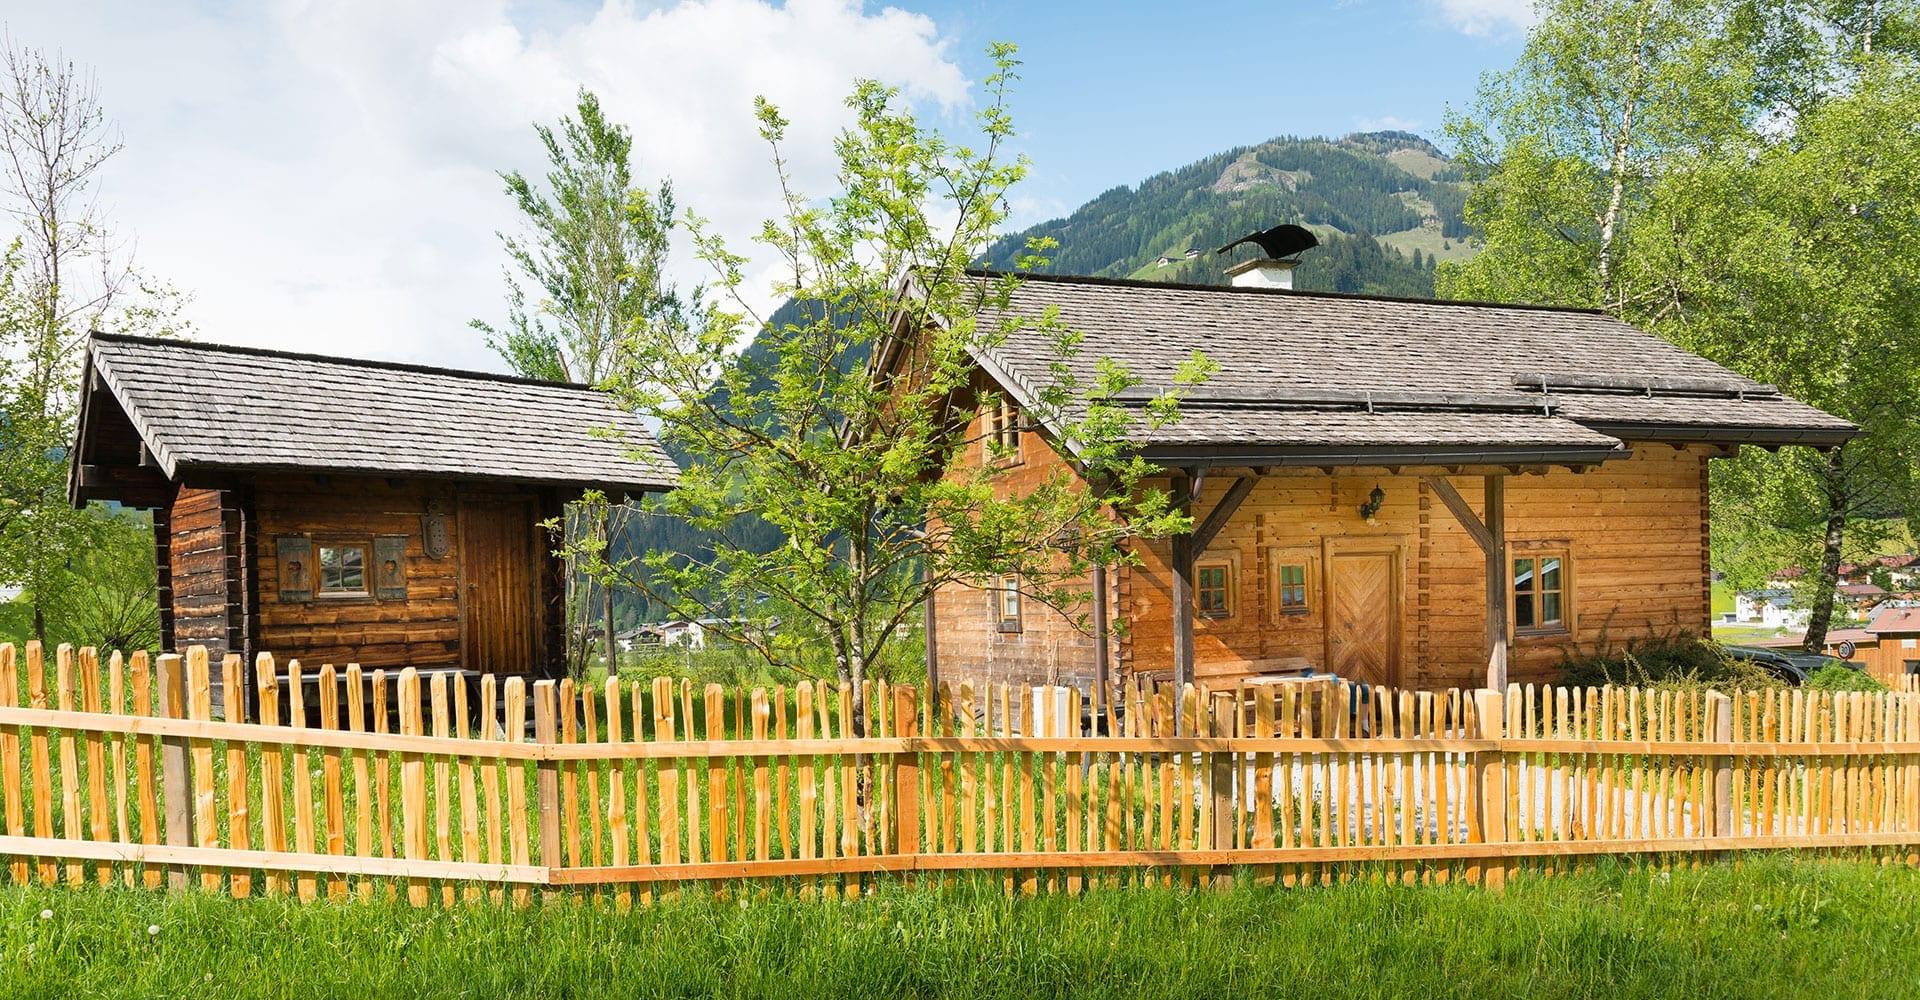 Almhütte in Großarl, Salzburger Land, für 2 –6 Personen –Reitbauernhof